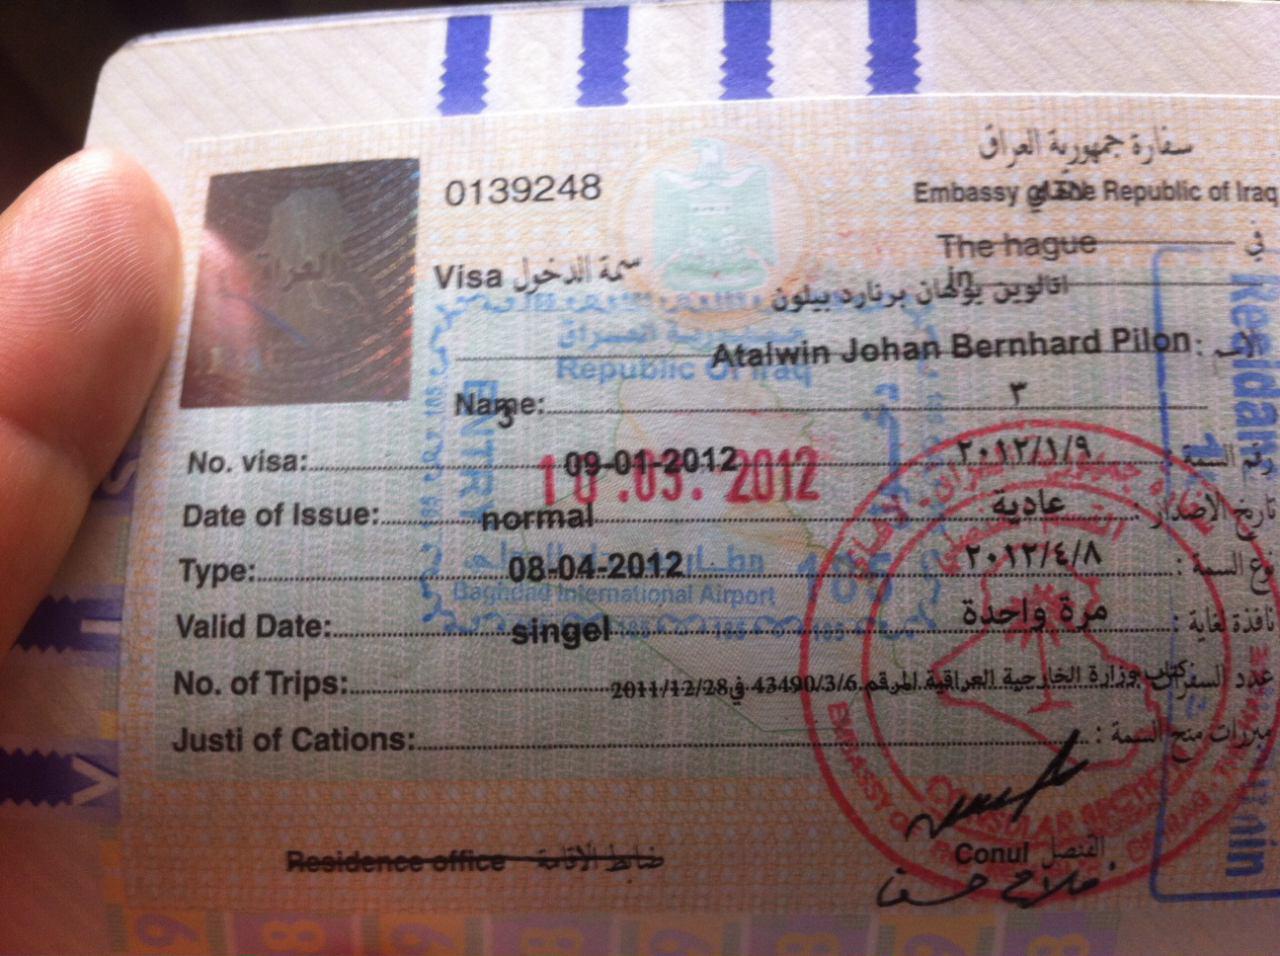 تصویر ارائه ی خدمات کنسولی در 10 مرکز استان در ایران، به مناسبت زیارت اربعین